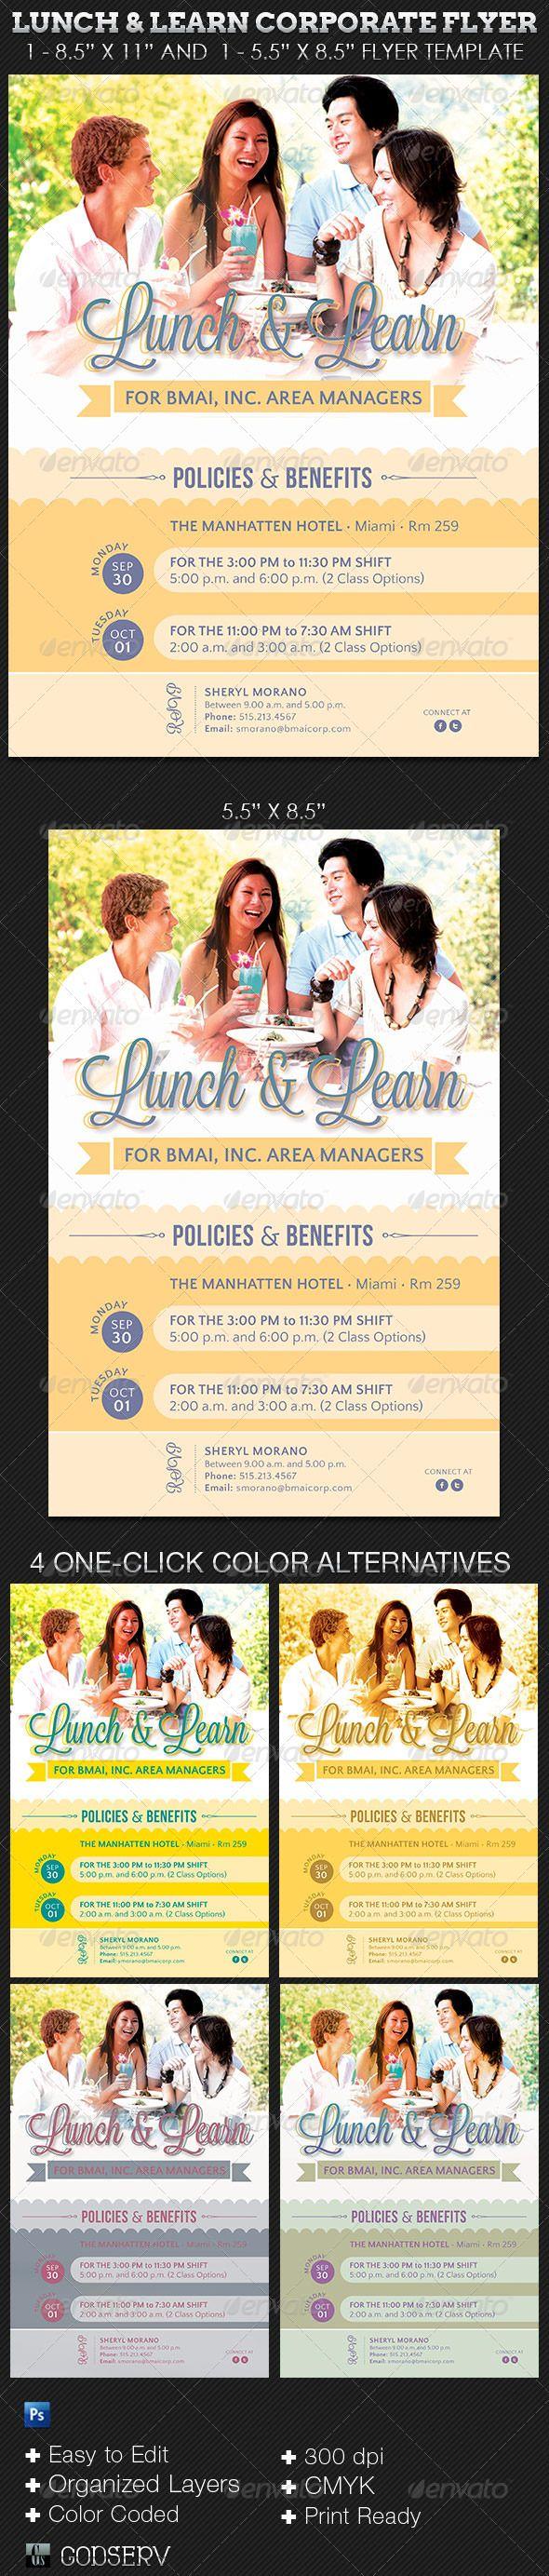 luncheon flyer template luncheon flyer template happy now tk